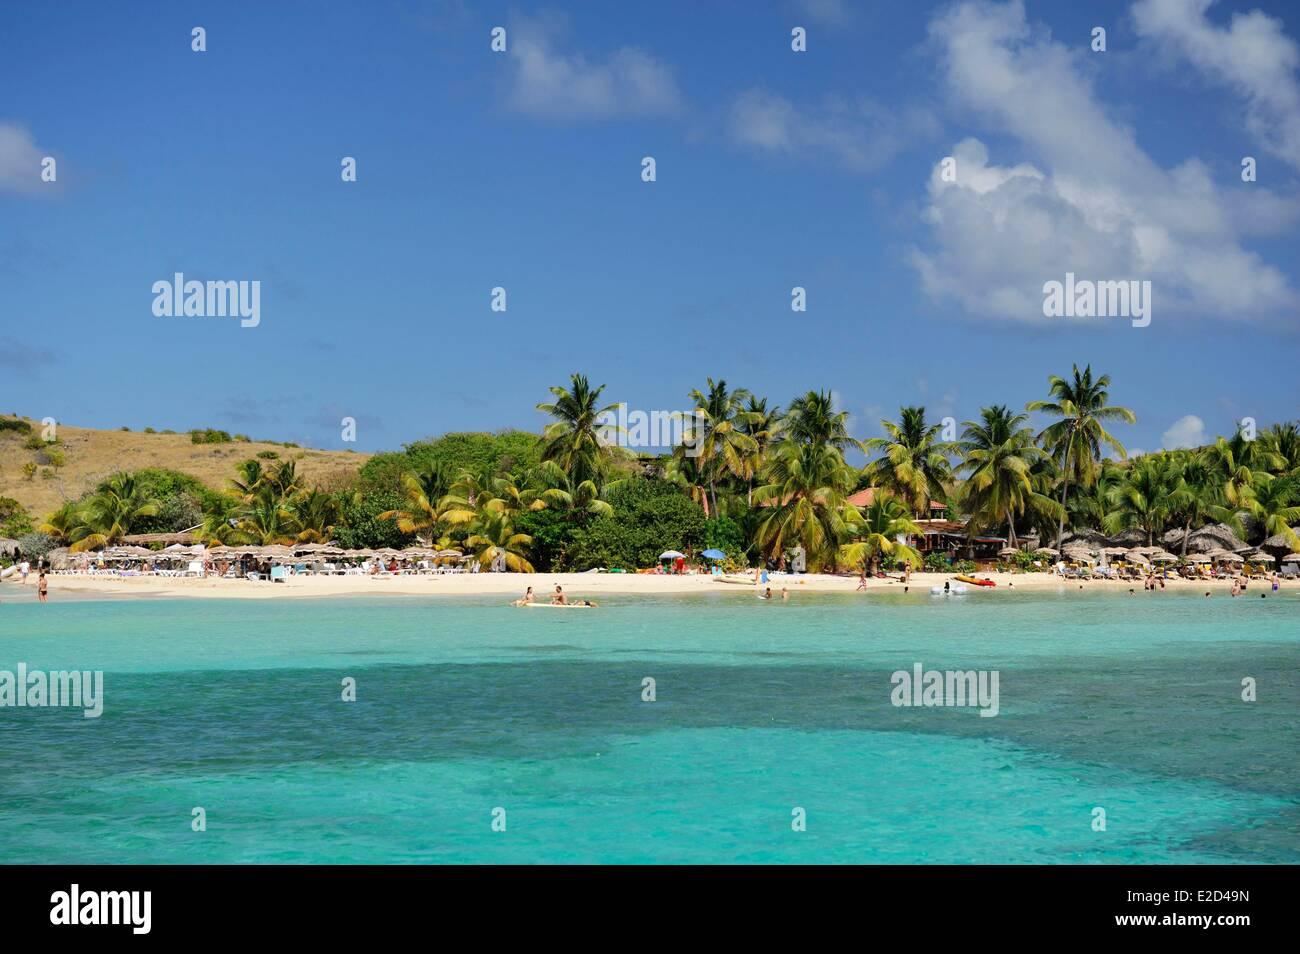 Frankreich Guadeloupe Saint Martin Cul de Sac Pinel Island exotischen Strand und das türkisfarbene Wasser Stockbild